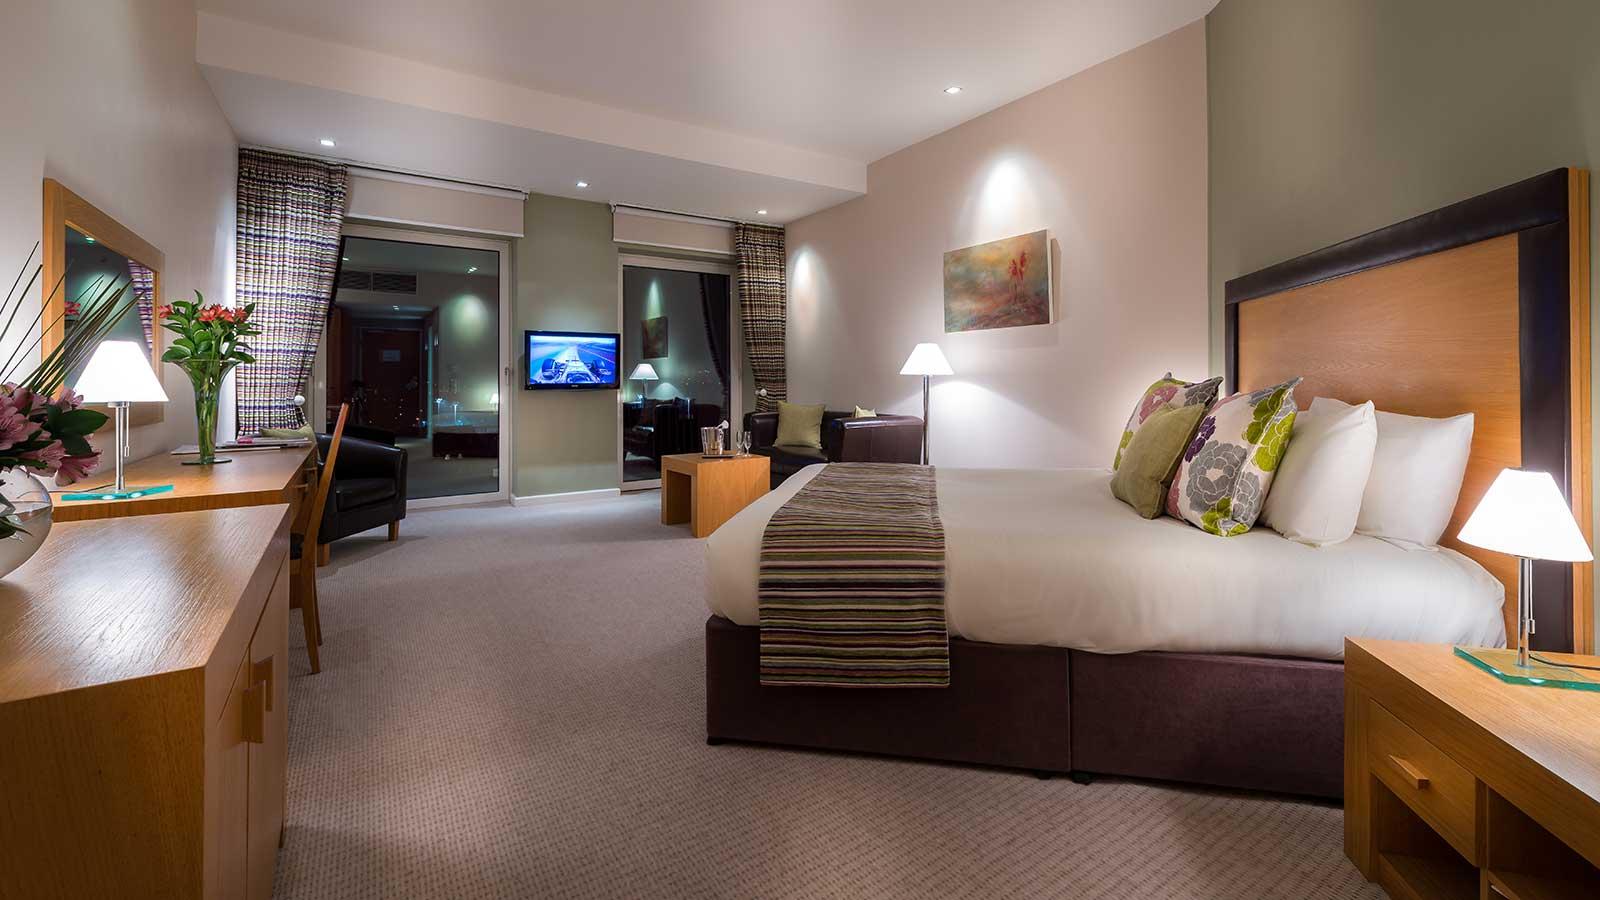 Hotel Rooms & Suites